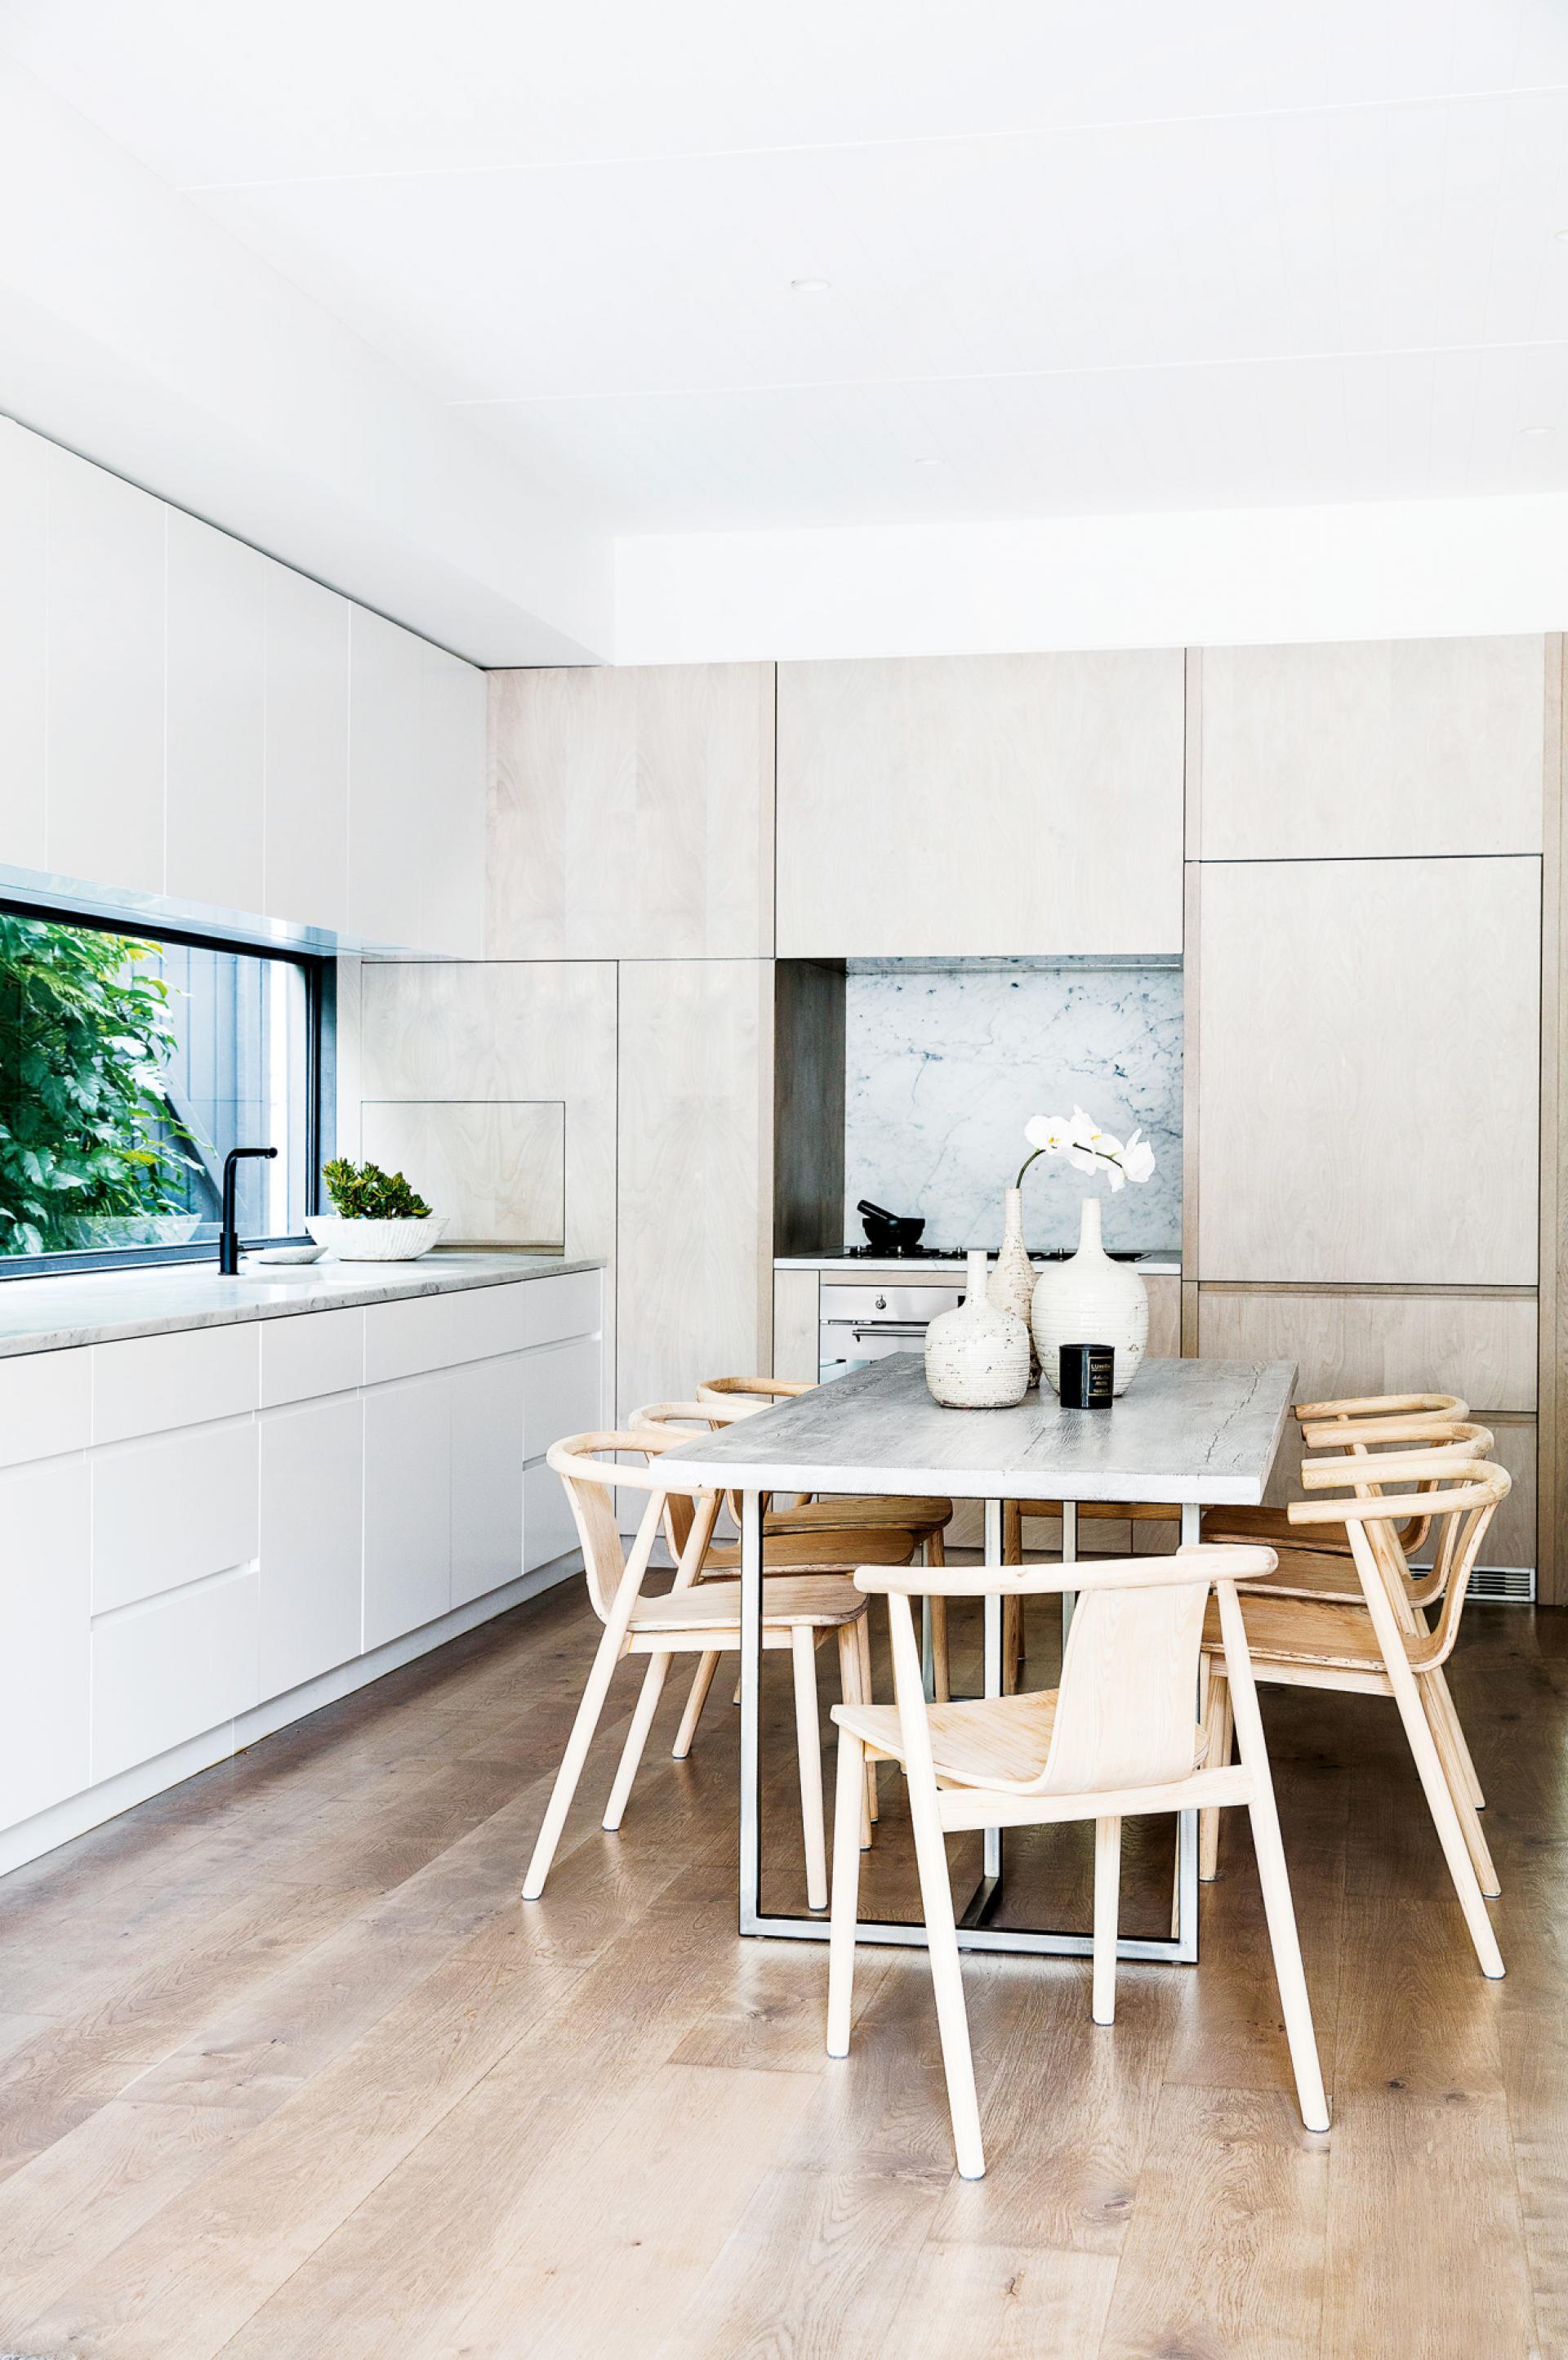 australisch-familie-interieur-keuken